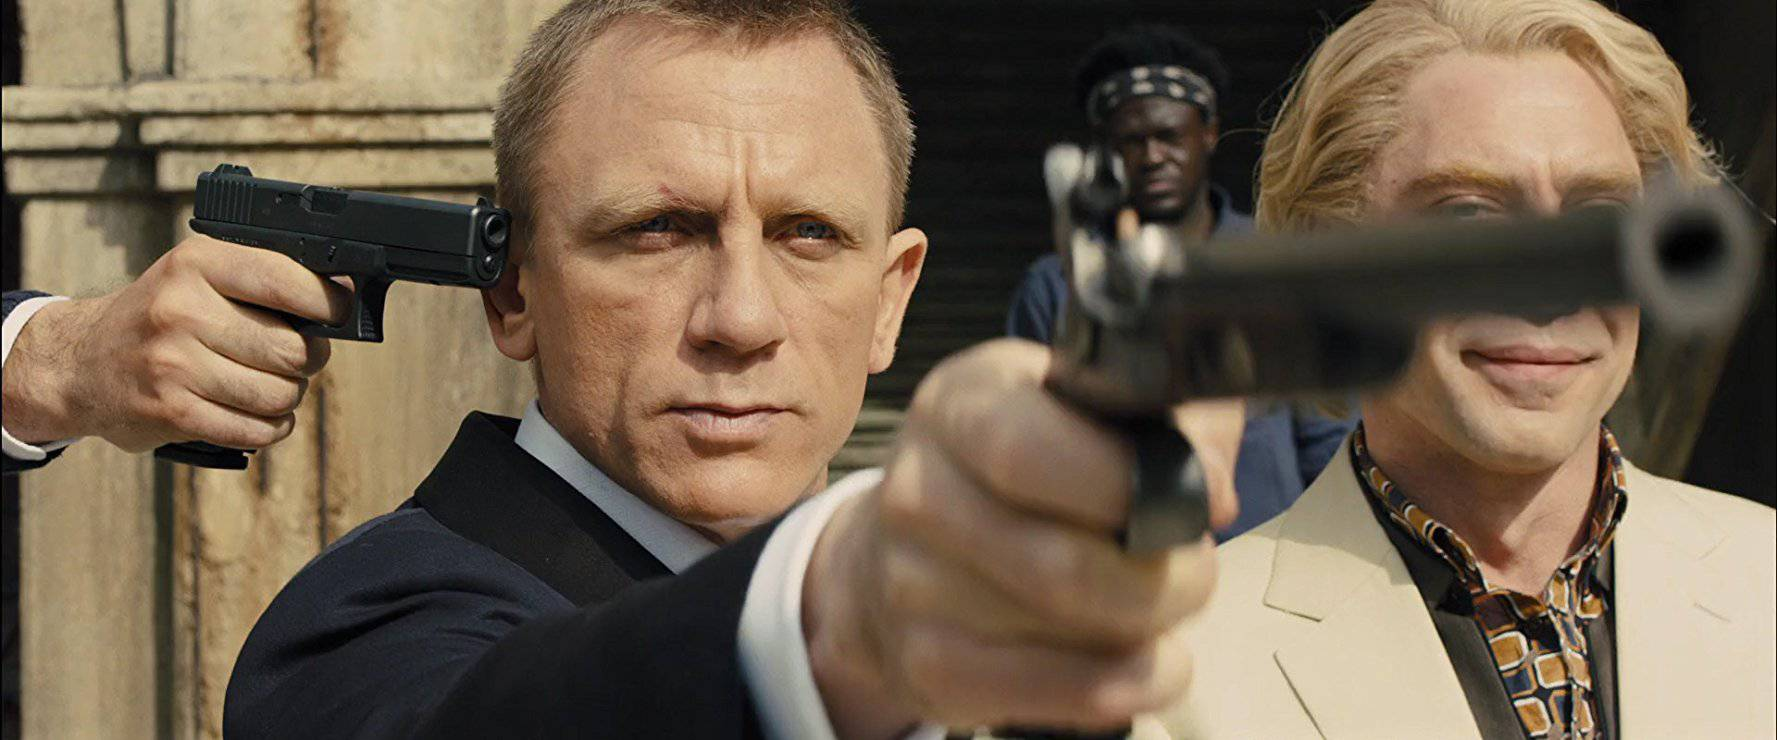 Stara se lica vraćaju: Likovi iz 24. Bonda nastupit će i u 25.